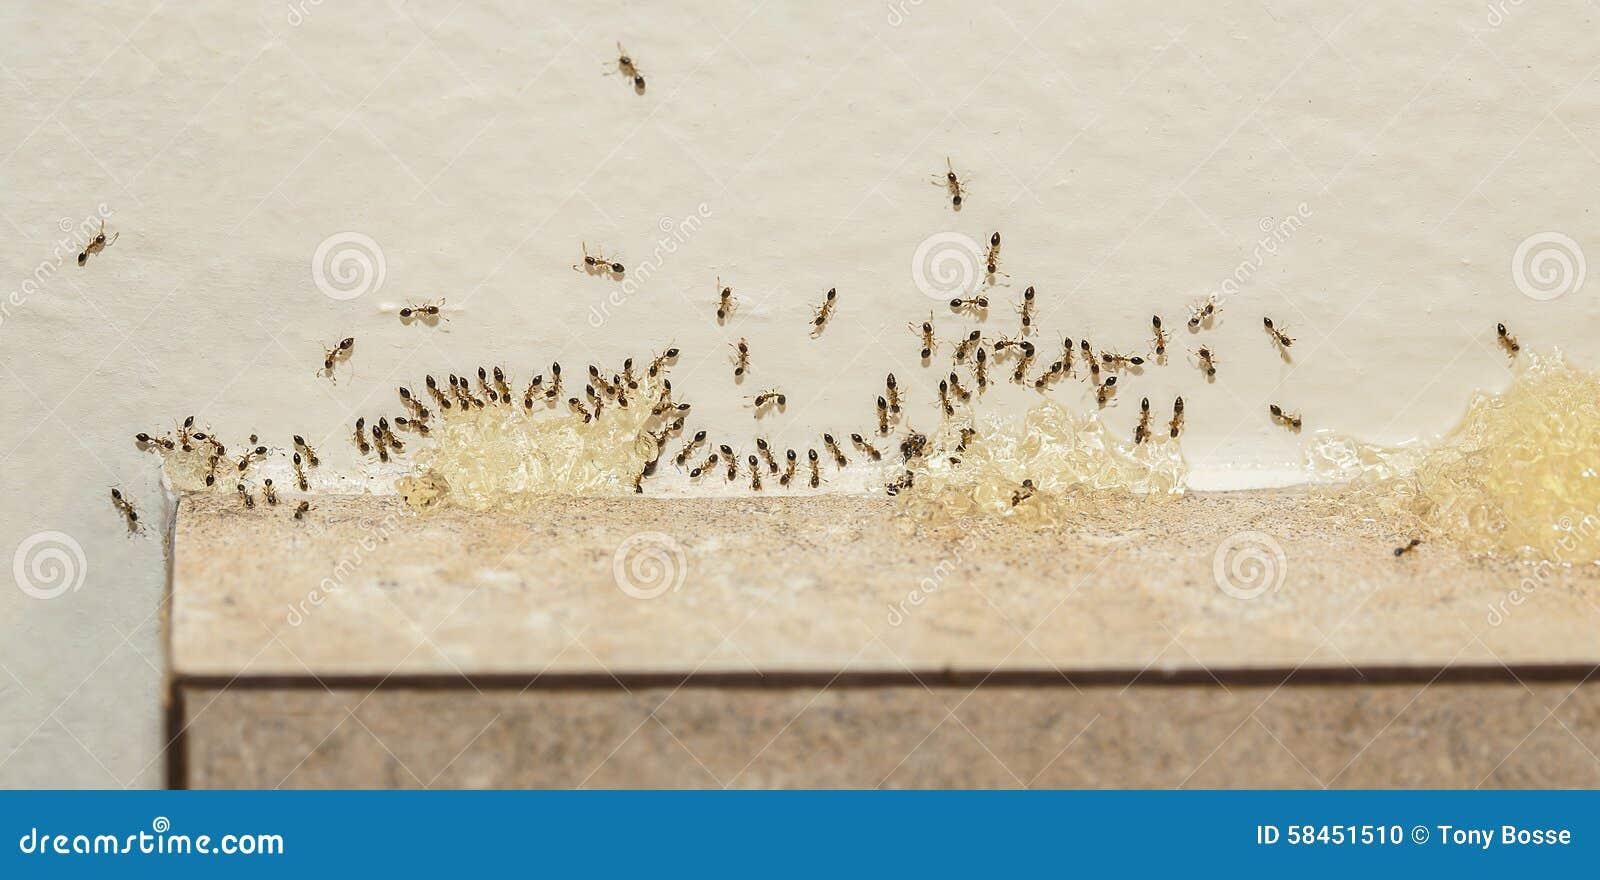 lutte contre les parasites sugar ants eating bait photo stock image du liminez rampement. Black Bedroom Furniture Sets. Home Design Ideas